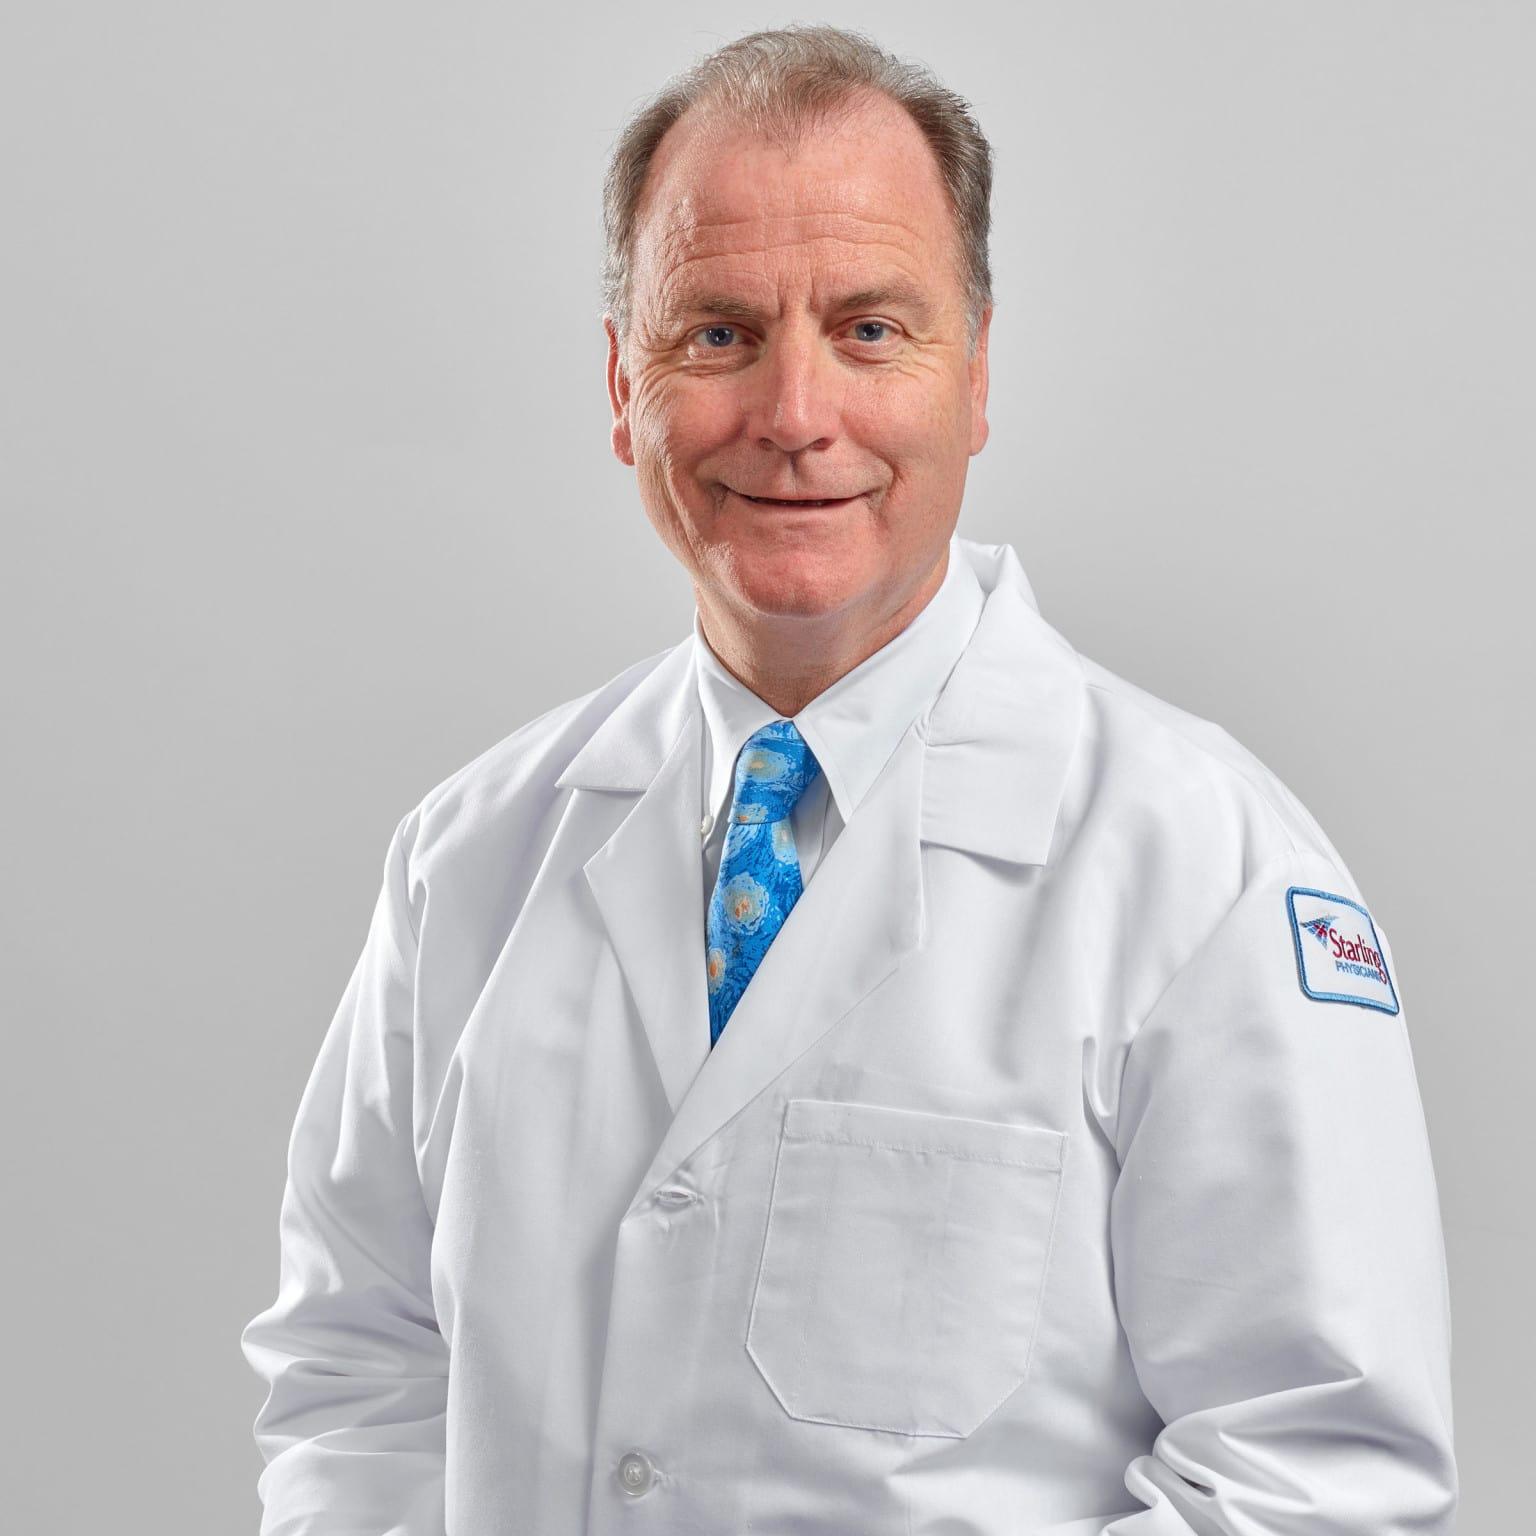 Dr. David E Sowa MD